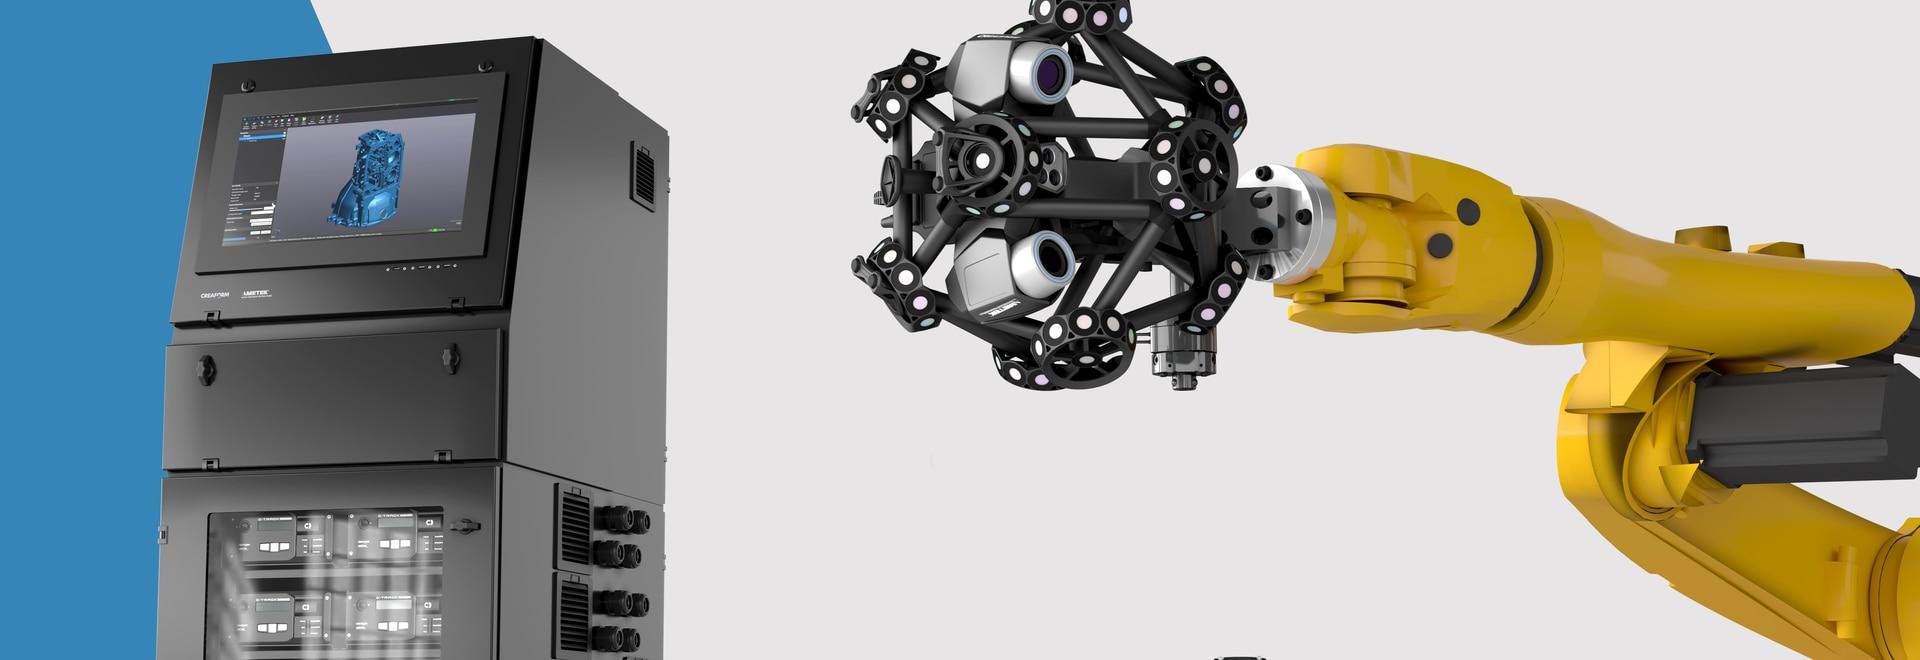 Creaform lancia una stazione di produttività e un corredo di Autocalibration per la sua serie di prodotti di R-serie, consegnanti la soluzione automatizzata di ispezione dimensionale più veloce sul...